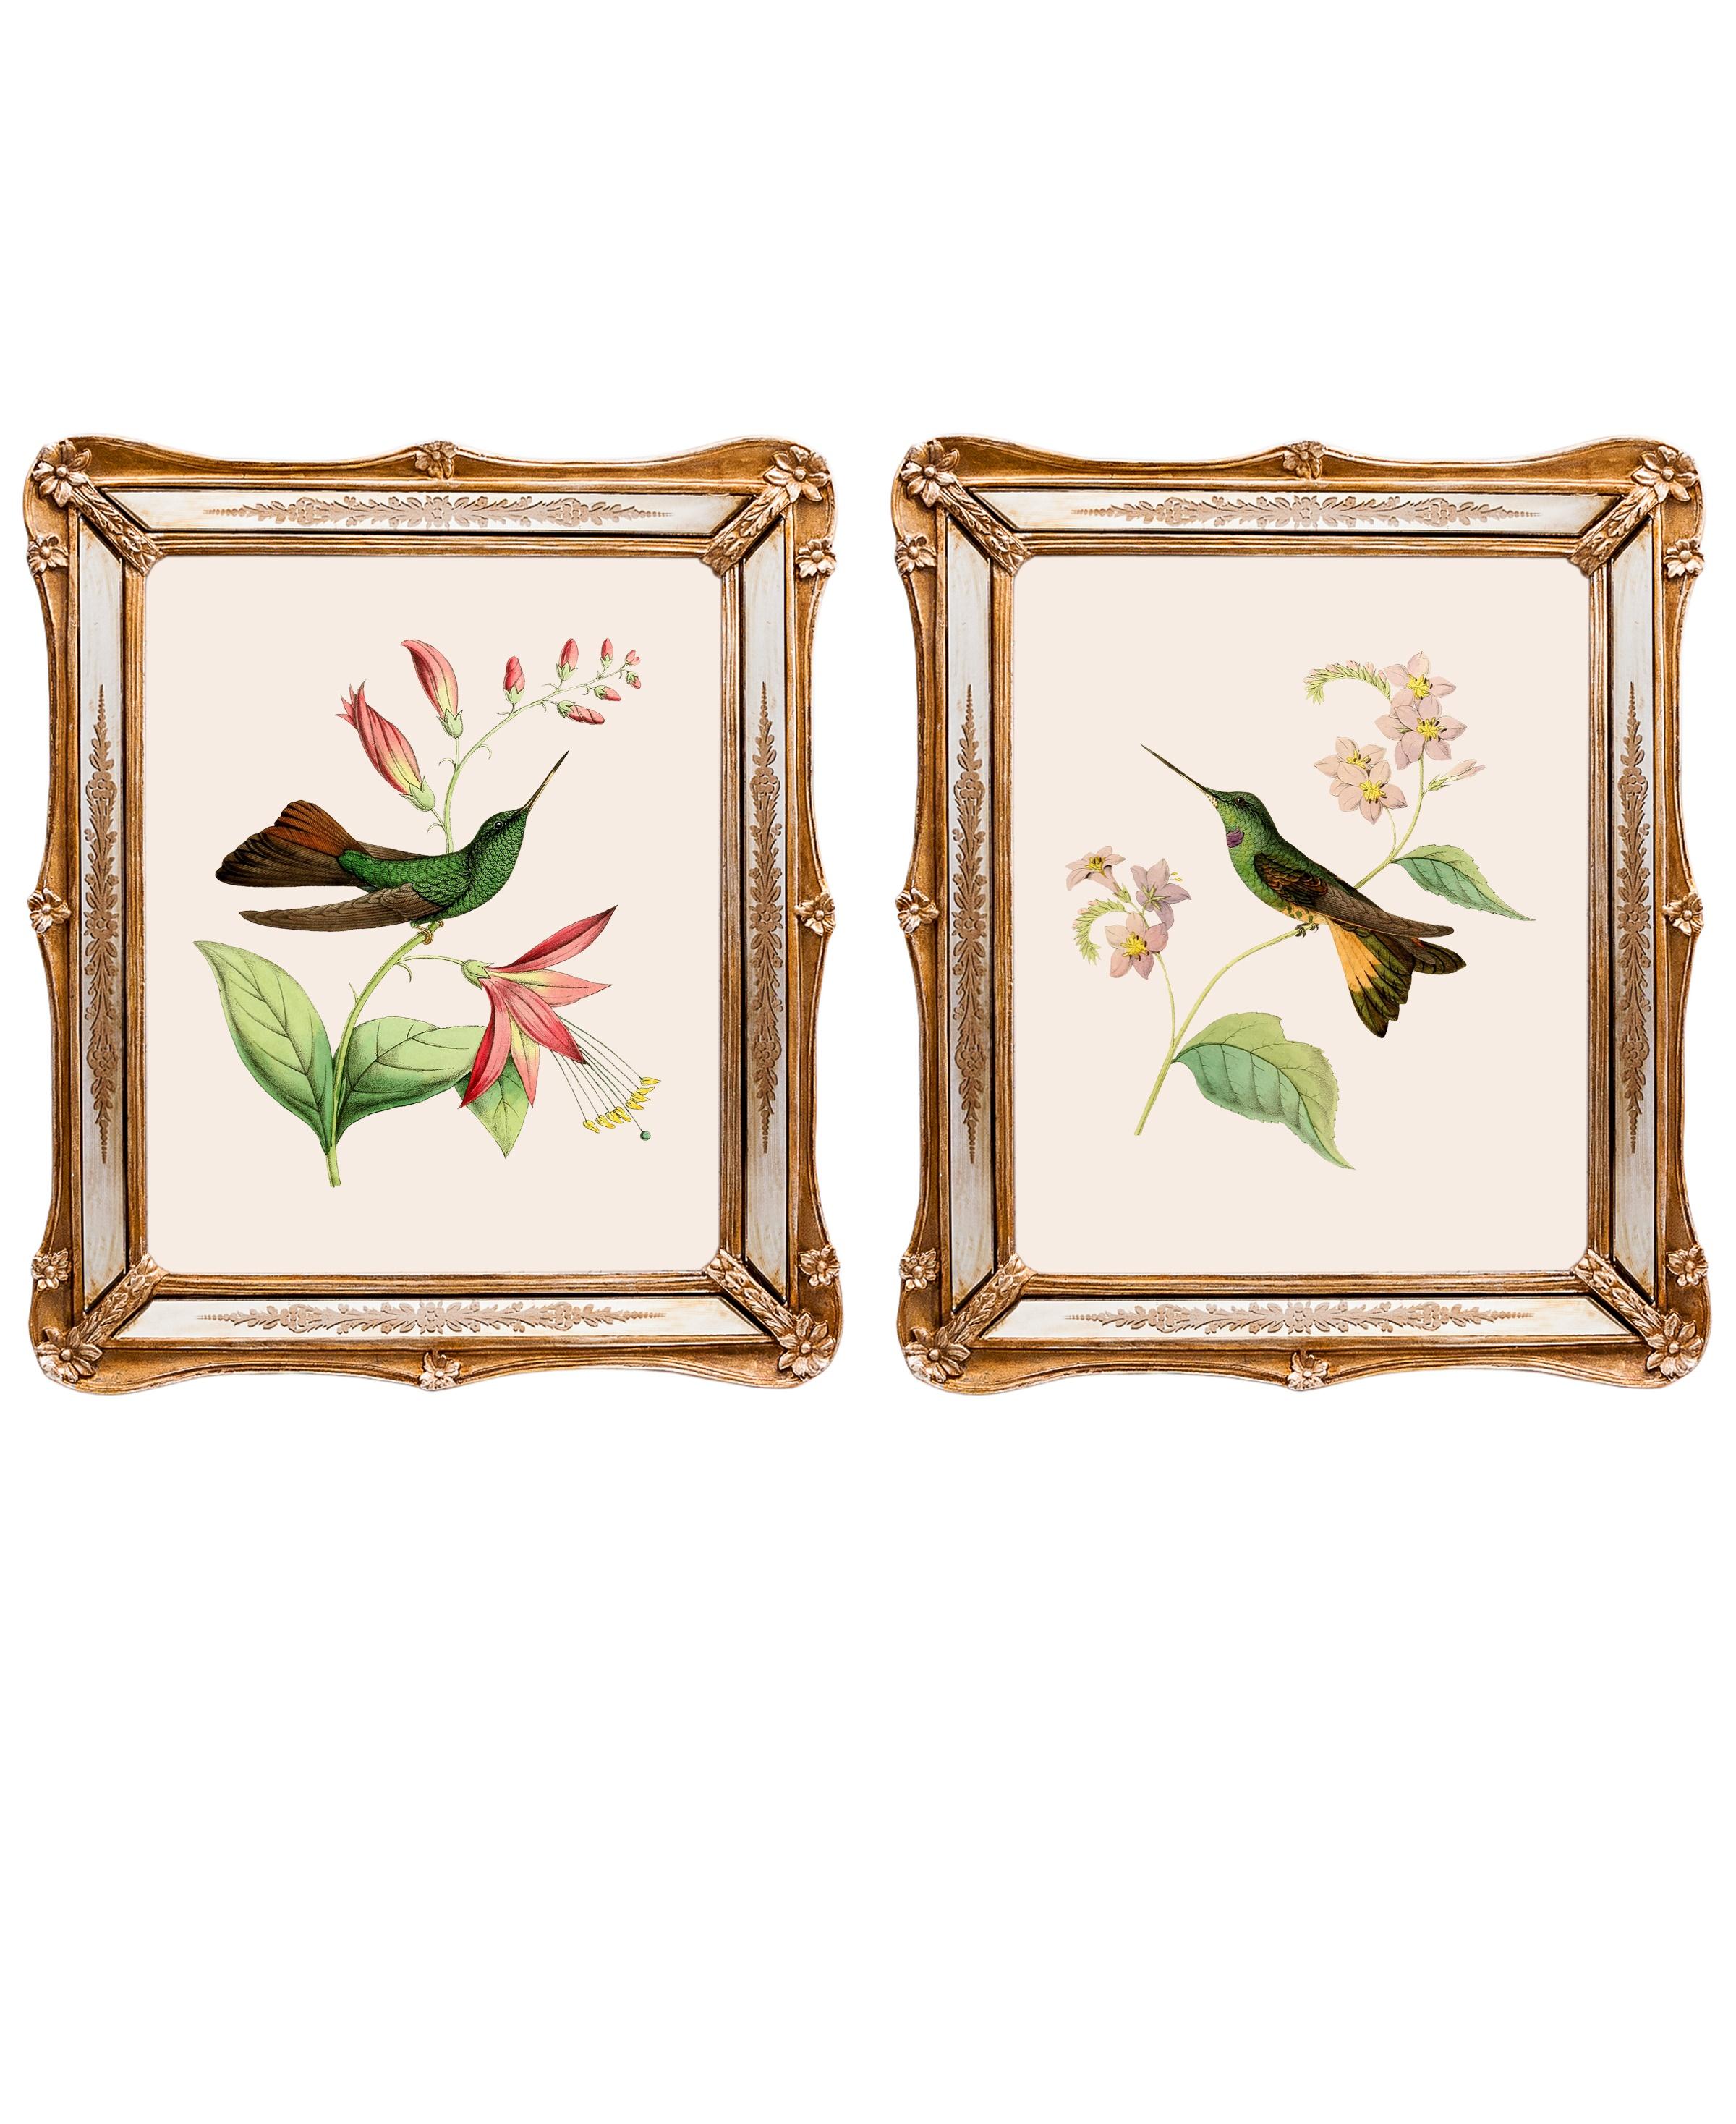 Набор из двух репродукций старинных картин в раме Софи. Дивные птицы 3Картины<br>&amp;lt;div&amp;gt;Изображения райских птиц на акварелях художников 19 века завораживают. Репродукции этих изображений, обрамленные в великолепные и необычные рамы с зеркальными вставками, станут подлинной драгоценностью Вашей комнаты! Картины можно повесить на стену, а можно поставить, например, на стол или камин. Защитный стеклянный слой сохранит изображение от воздействий окружающей среды. Если Вам захочется обновить интерьер, Вы можете с легкостью заменить изображение картины!&amp;lt;/div&amp;gt;&amp;lt;div&amp;gt;&amp;lt;br&amp;gt;&amp;lt;/div&amp;gt;&amp;lt;div&amp;gt;Изображение - дизайнерская бумага; рама - искуственный камень, зеркальные вставки; защитный слой - стекло&amp;amp;nbsp;&amp;lt;/div&amp;gt;&amp;lt;div&amp;gt;цвет:мультиколор&amp;amp;nbsp;&amp;lt;/div&amp;gt;<br><br>Material: Бумага<br>Width см: 26,5<br>Depth см: 2<br>Height см: 30,5